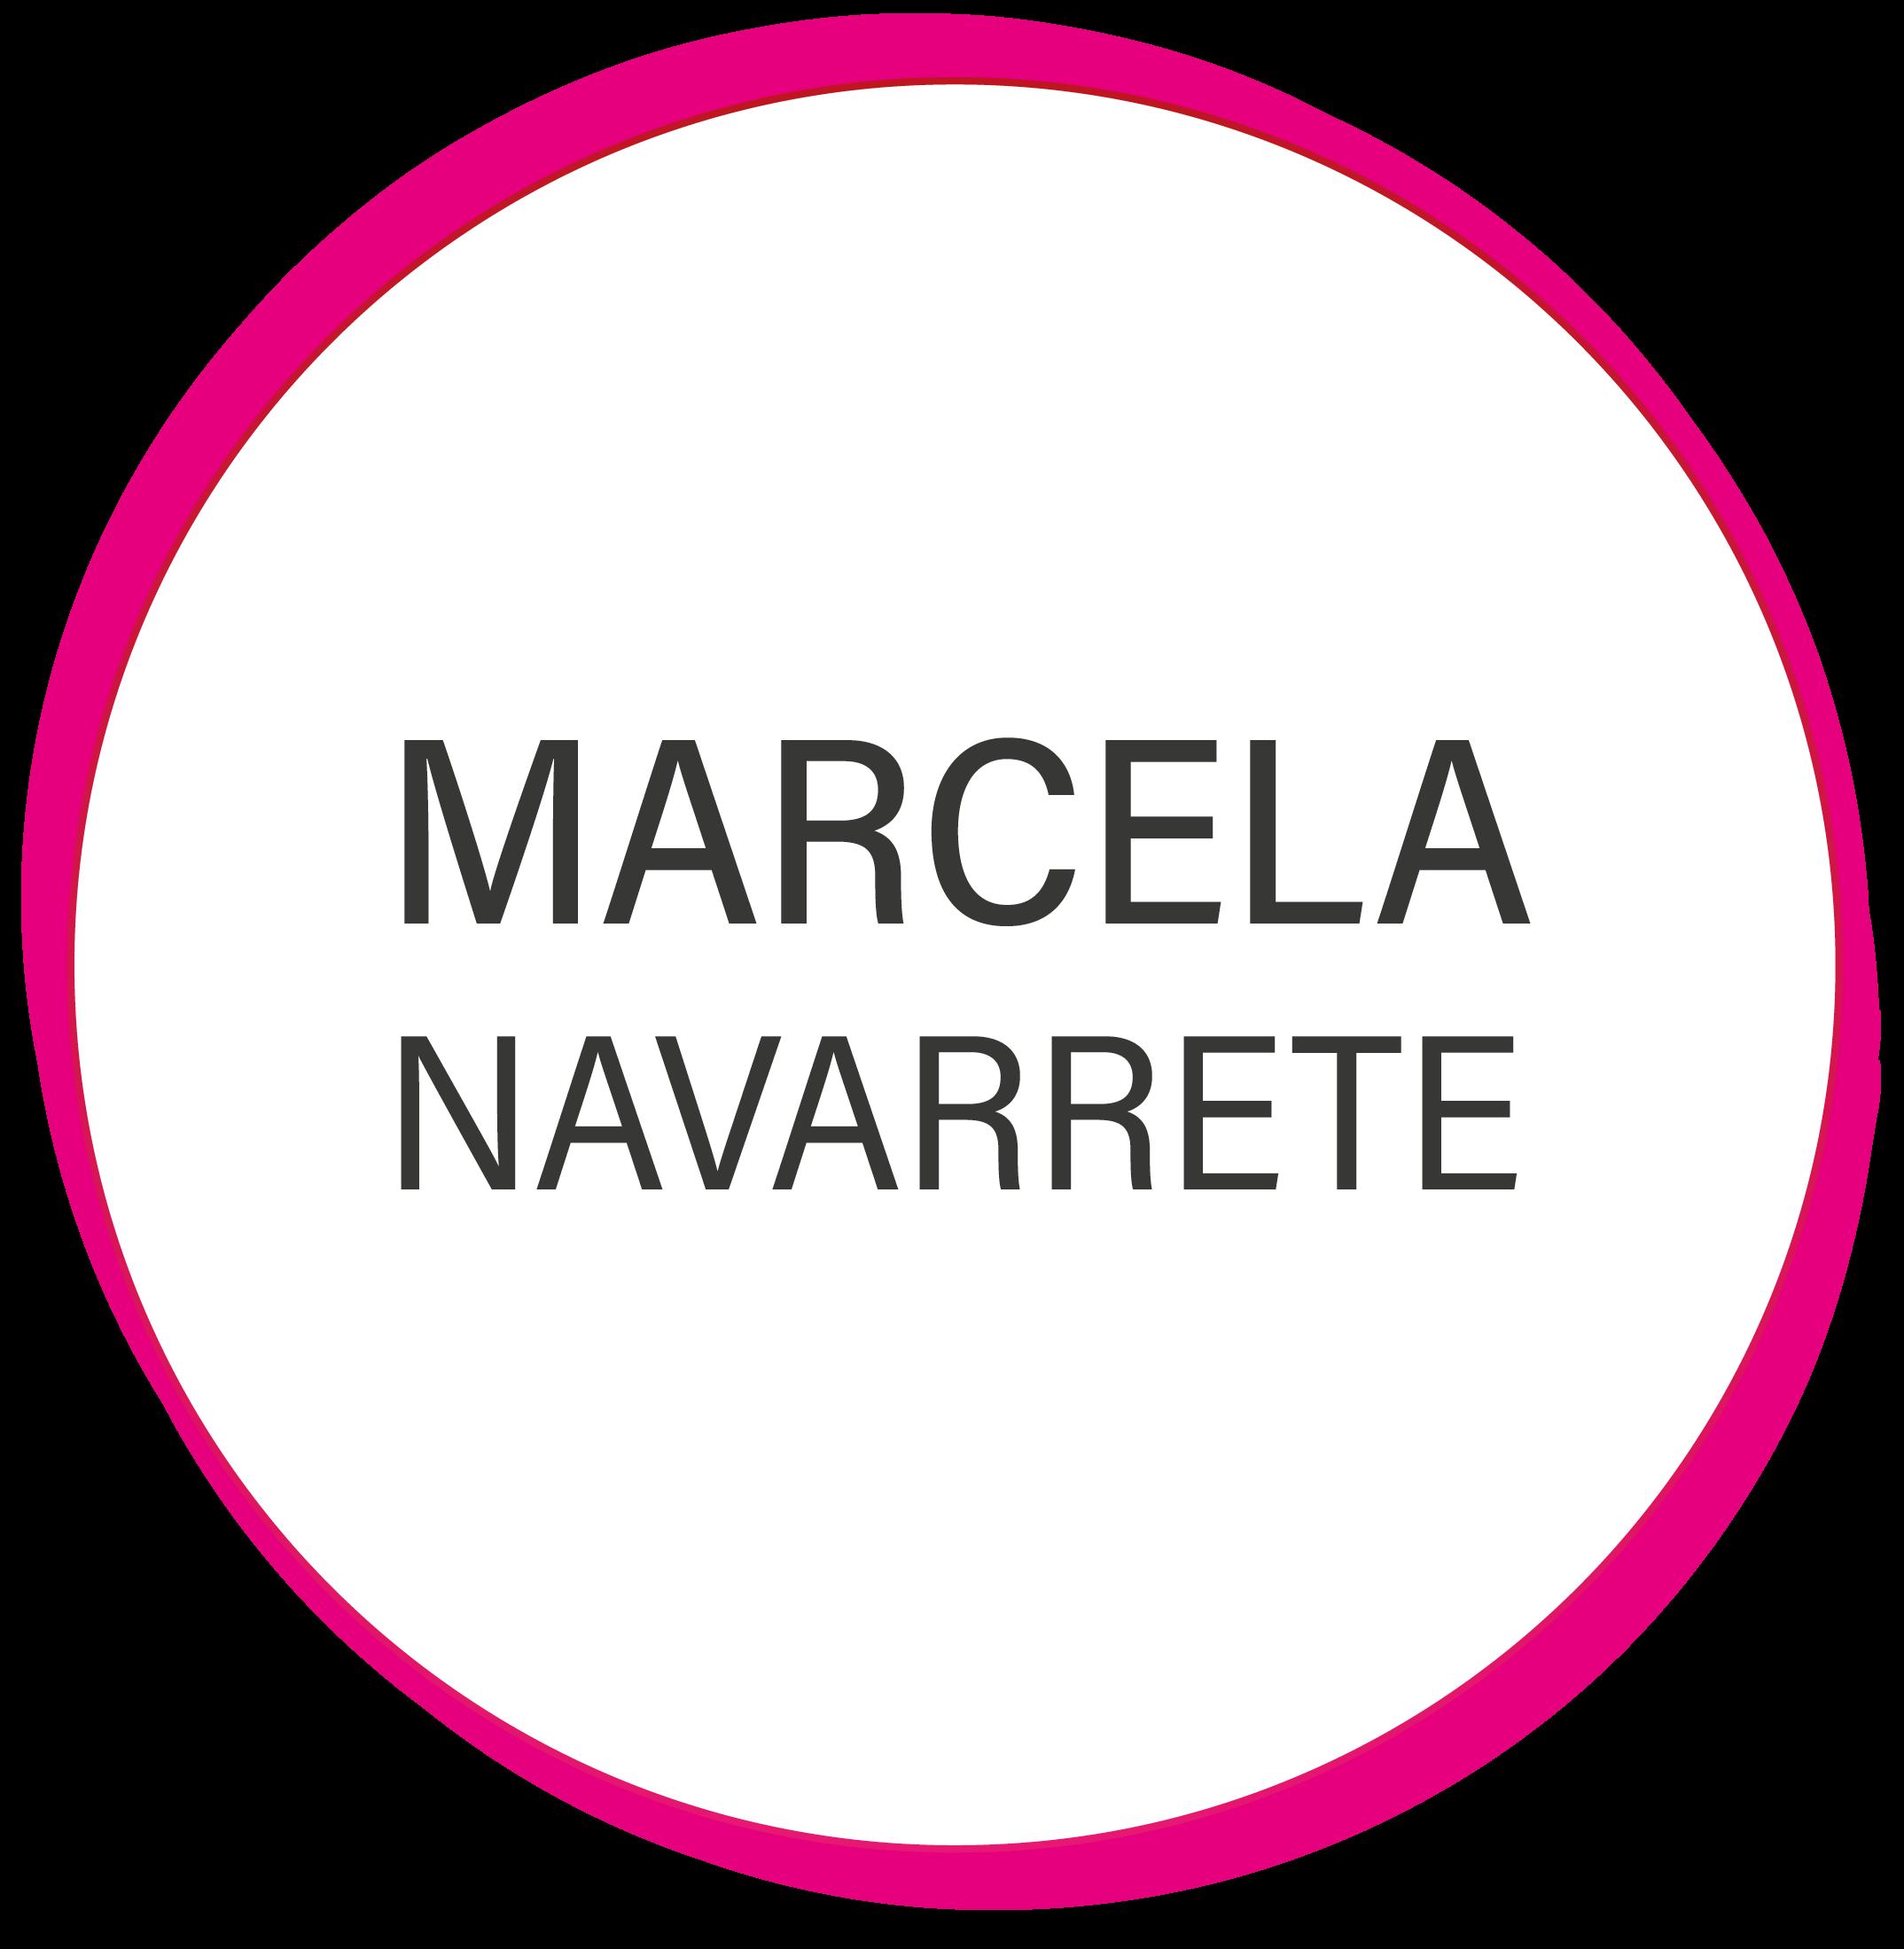 Marcela Navarrete